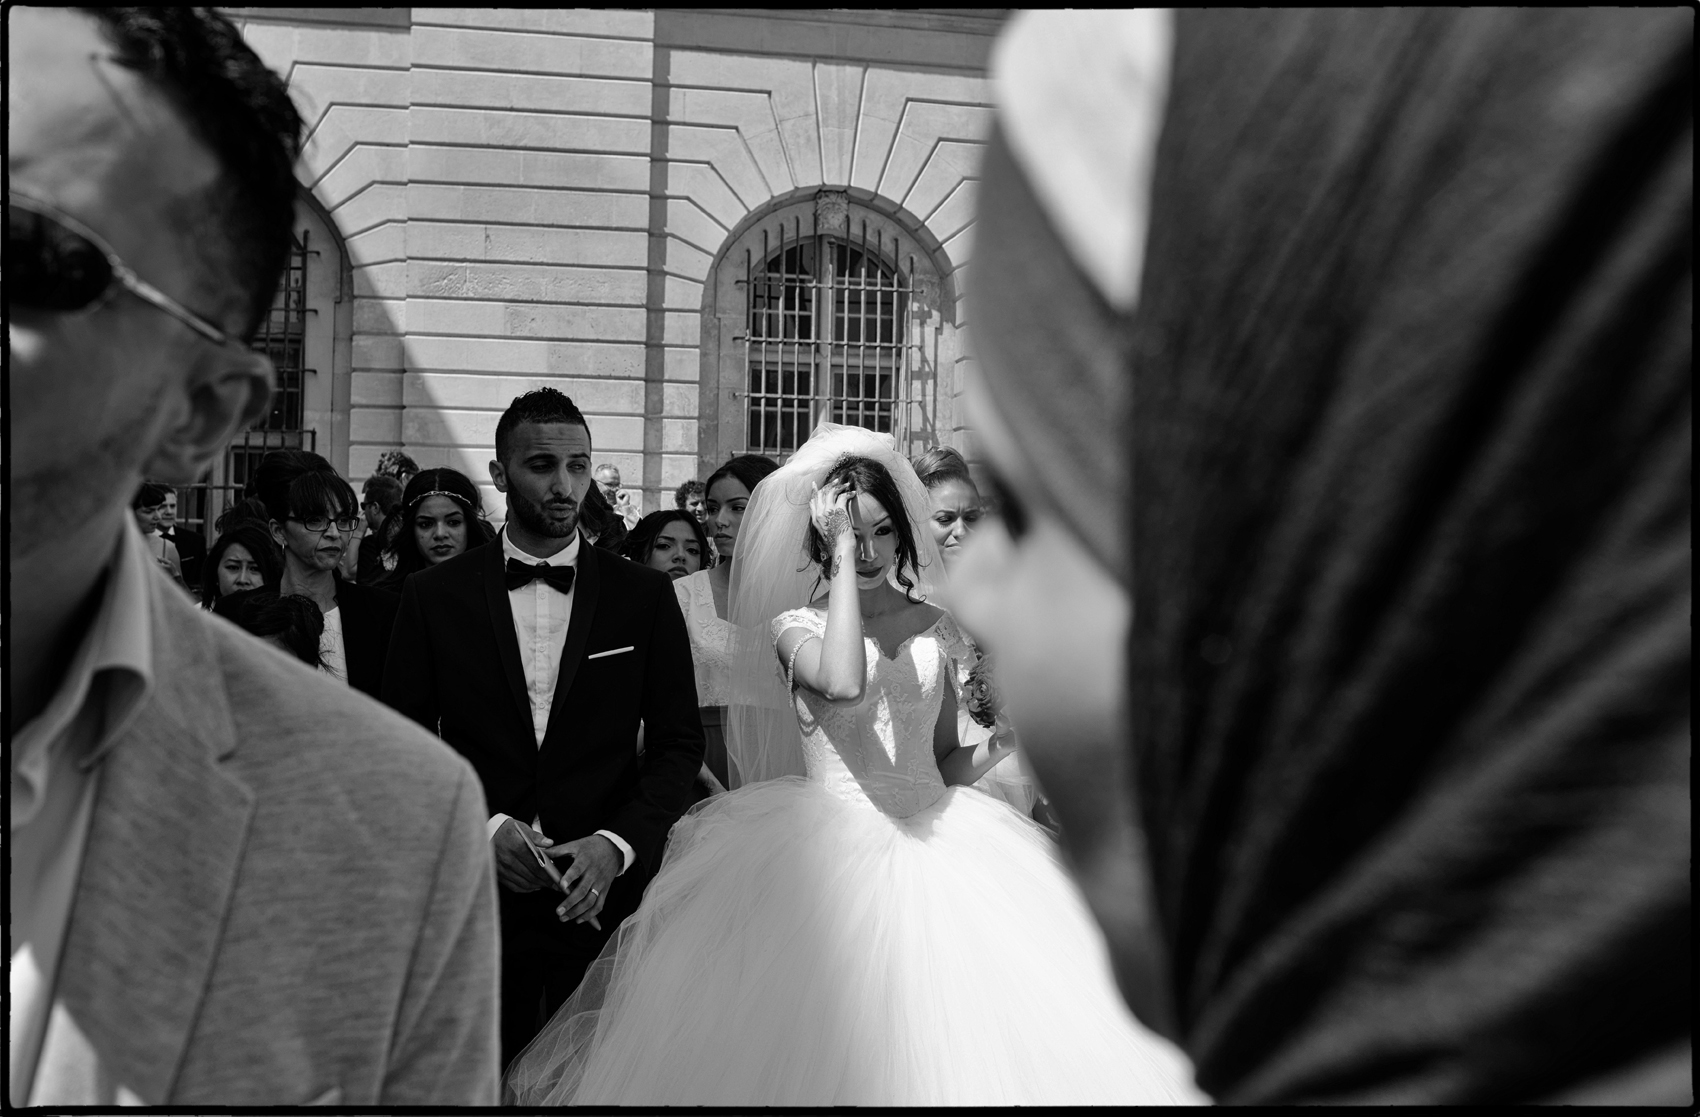 Mariage, France 2015 Arles.